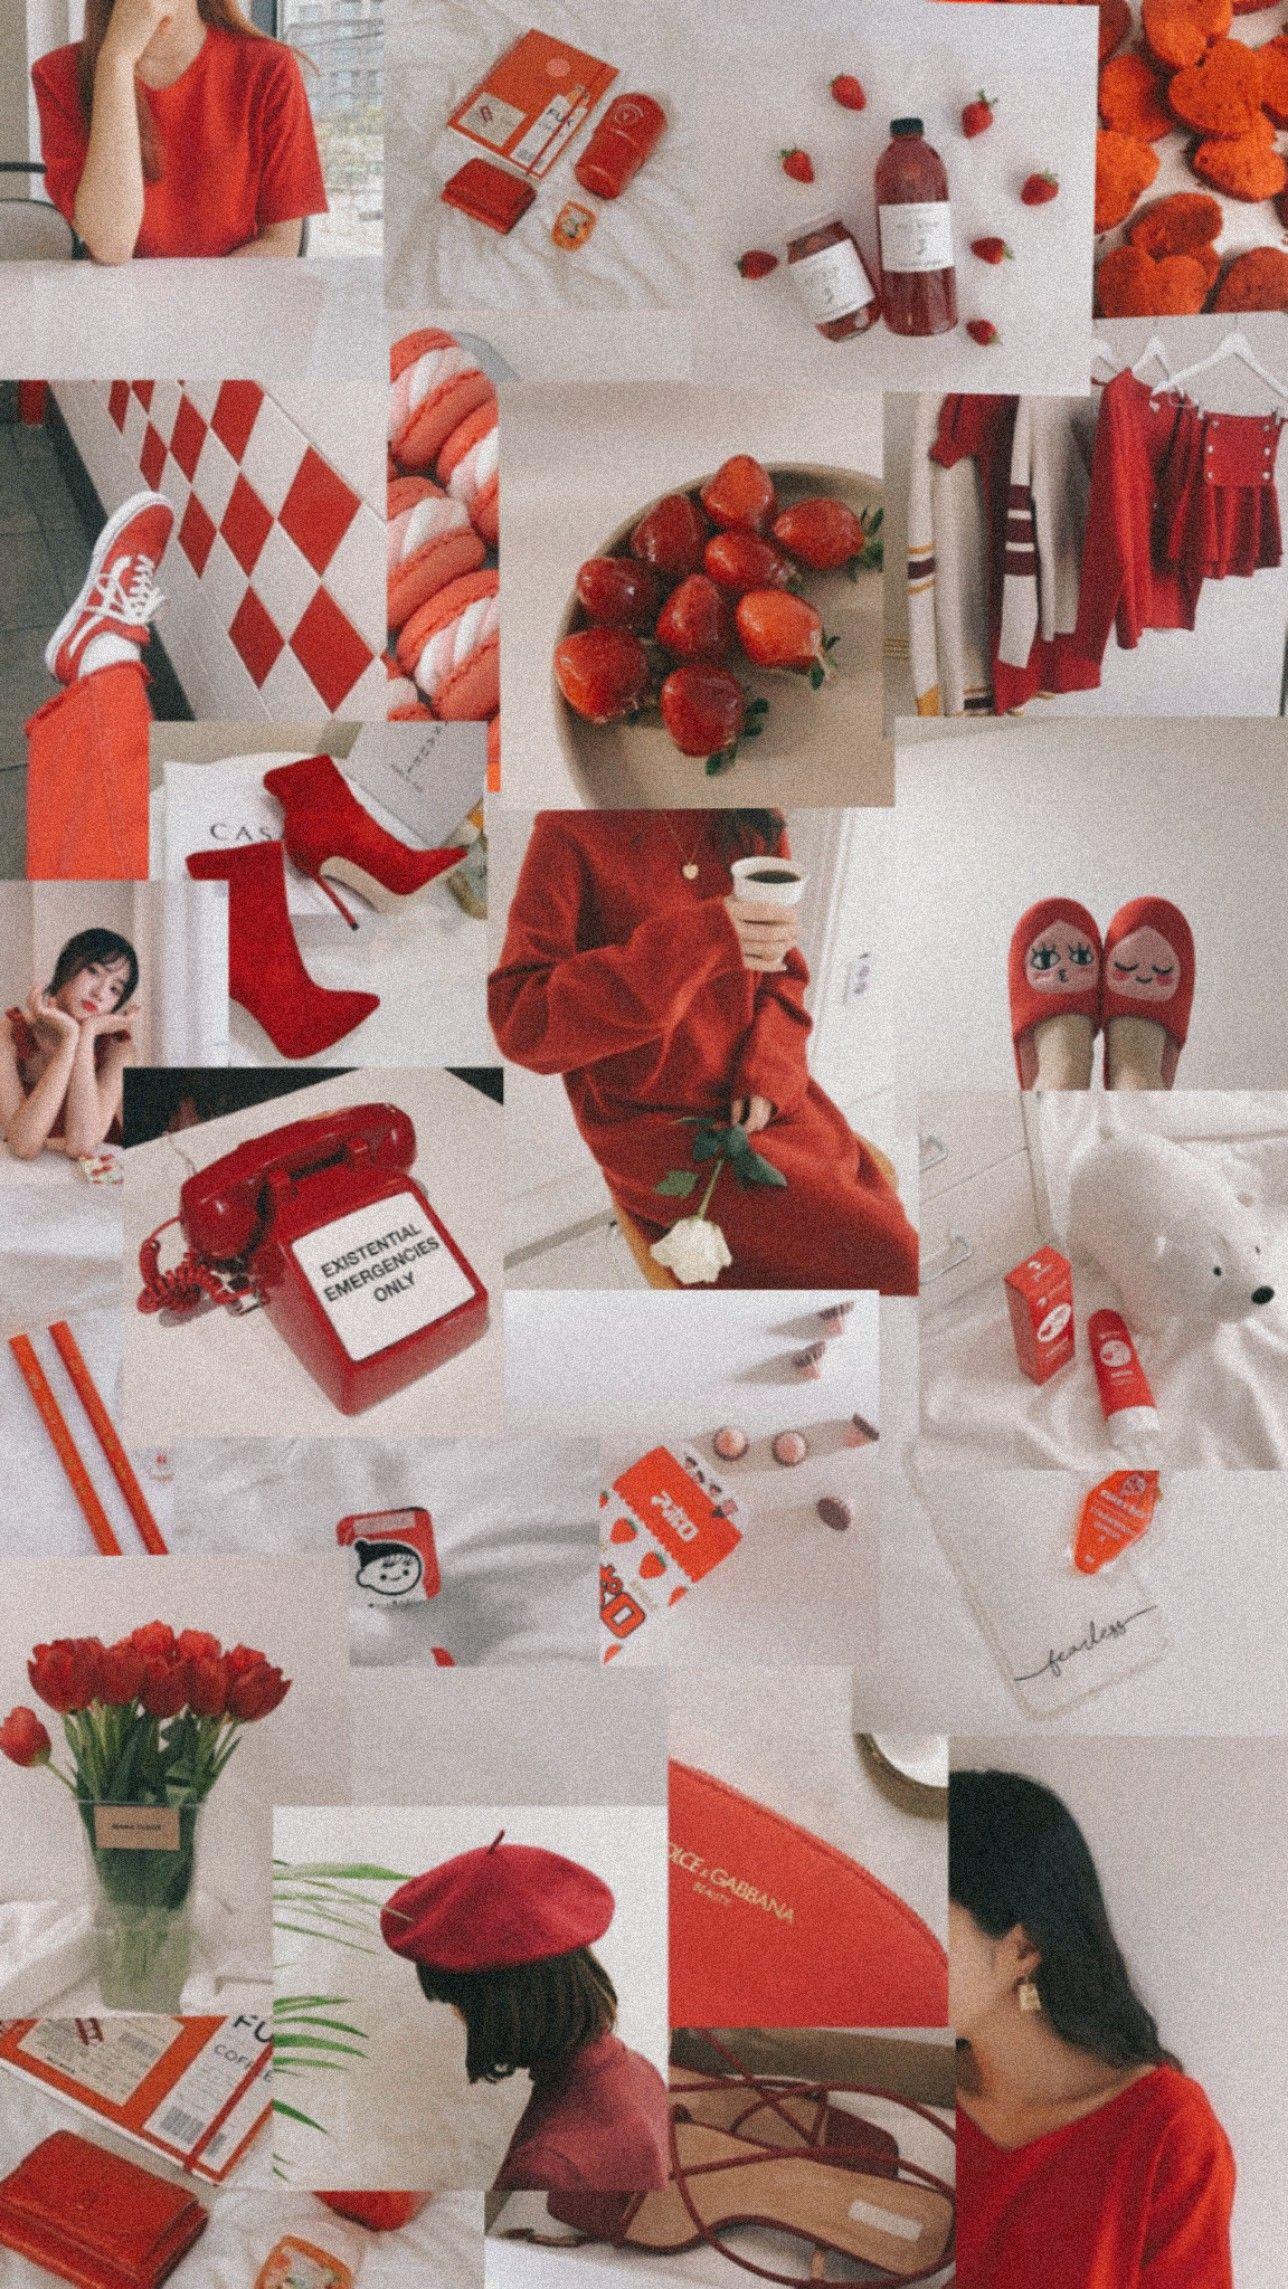 Pin oleh Nereyda Rodriguez di wallpapers Merah Gambar Ide 1288x2289